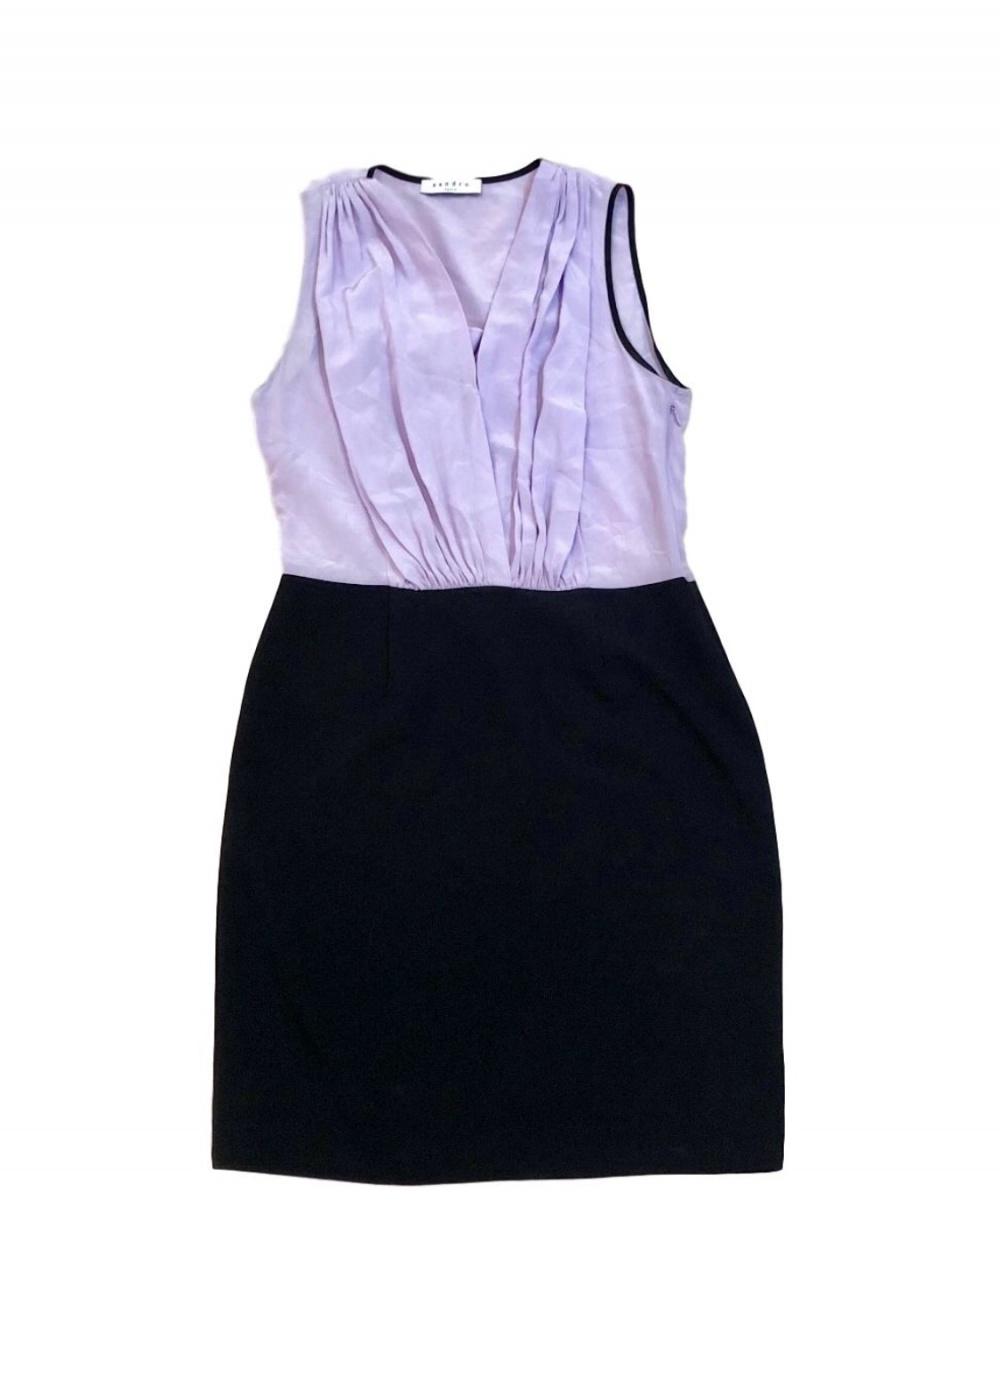 Платье Sandro, размер 44.